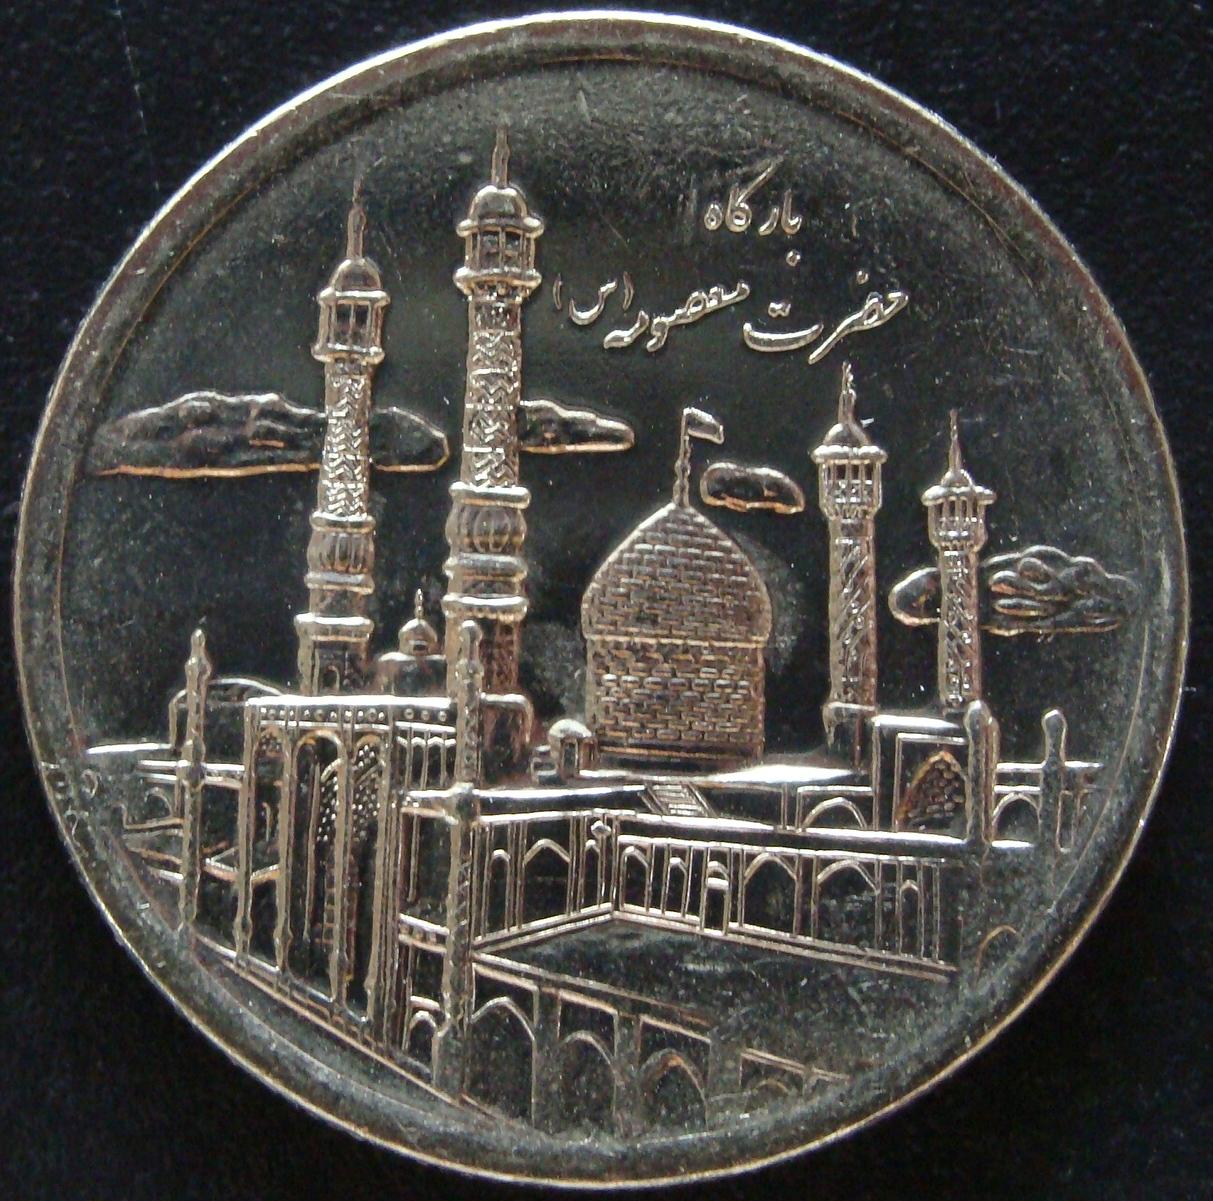 5000 Rials. Irán (2013). Santuario de Fatima Masumeh IRN_5000_Rial_2013_rev